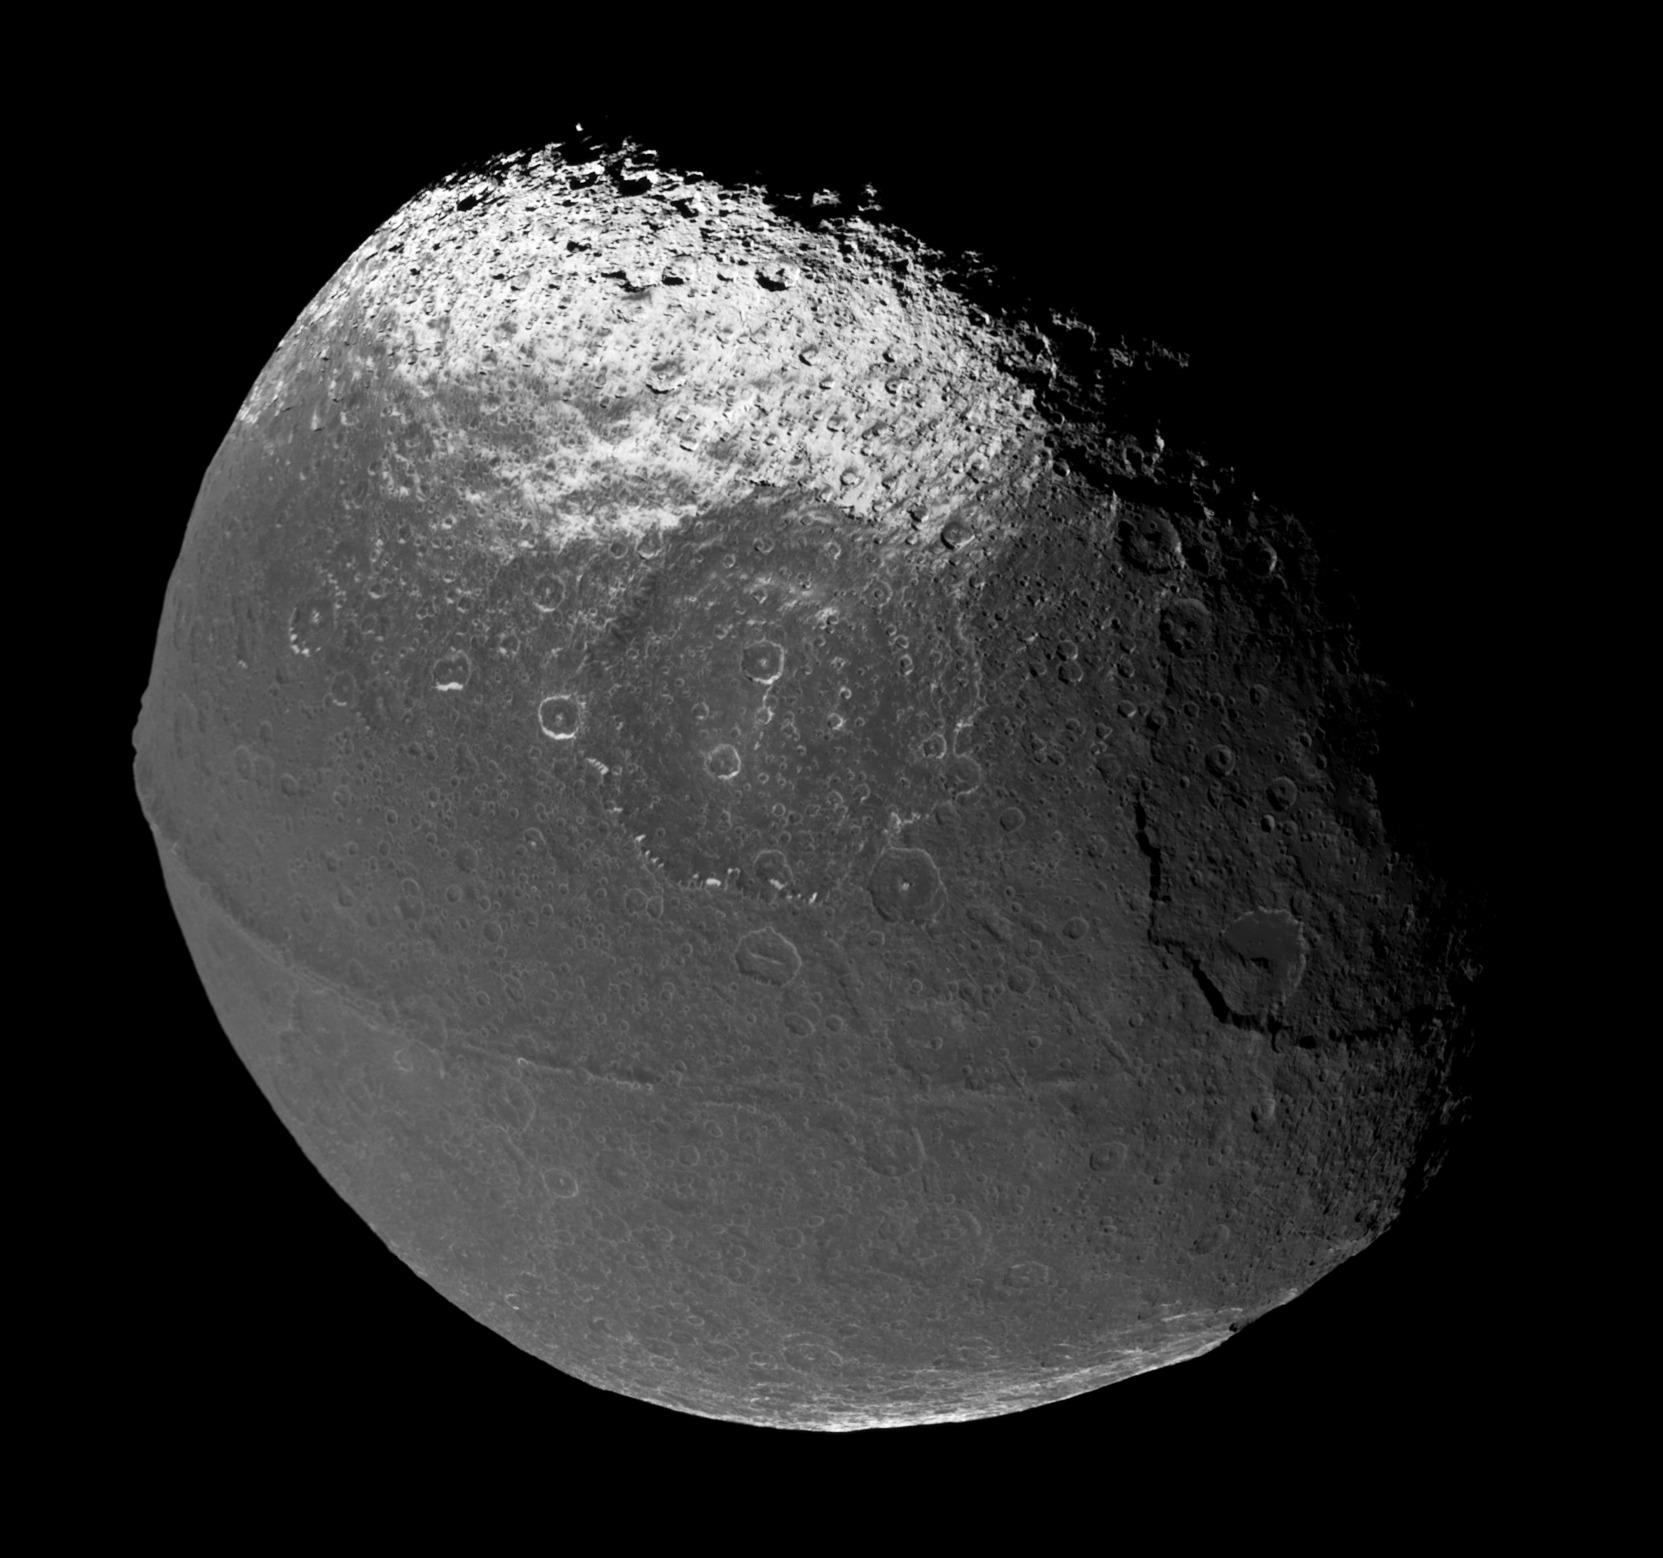 Iapetus_706_1419_1